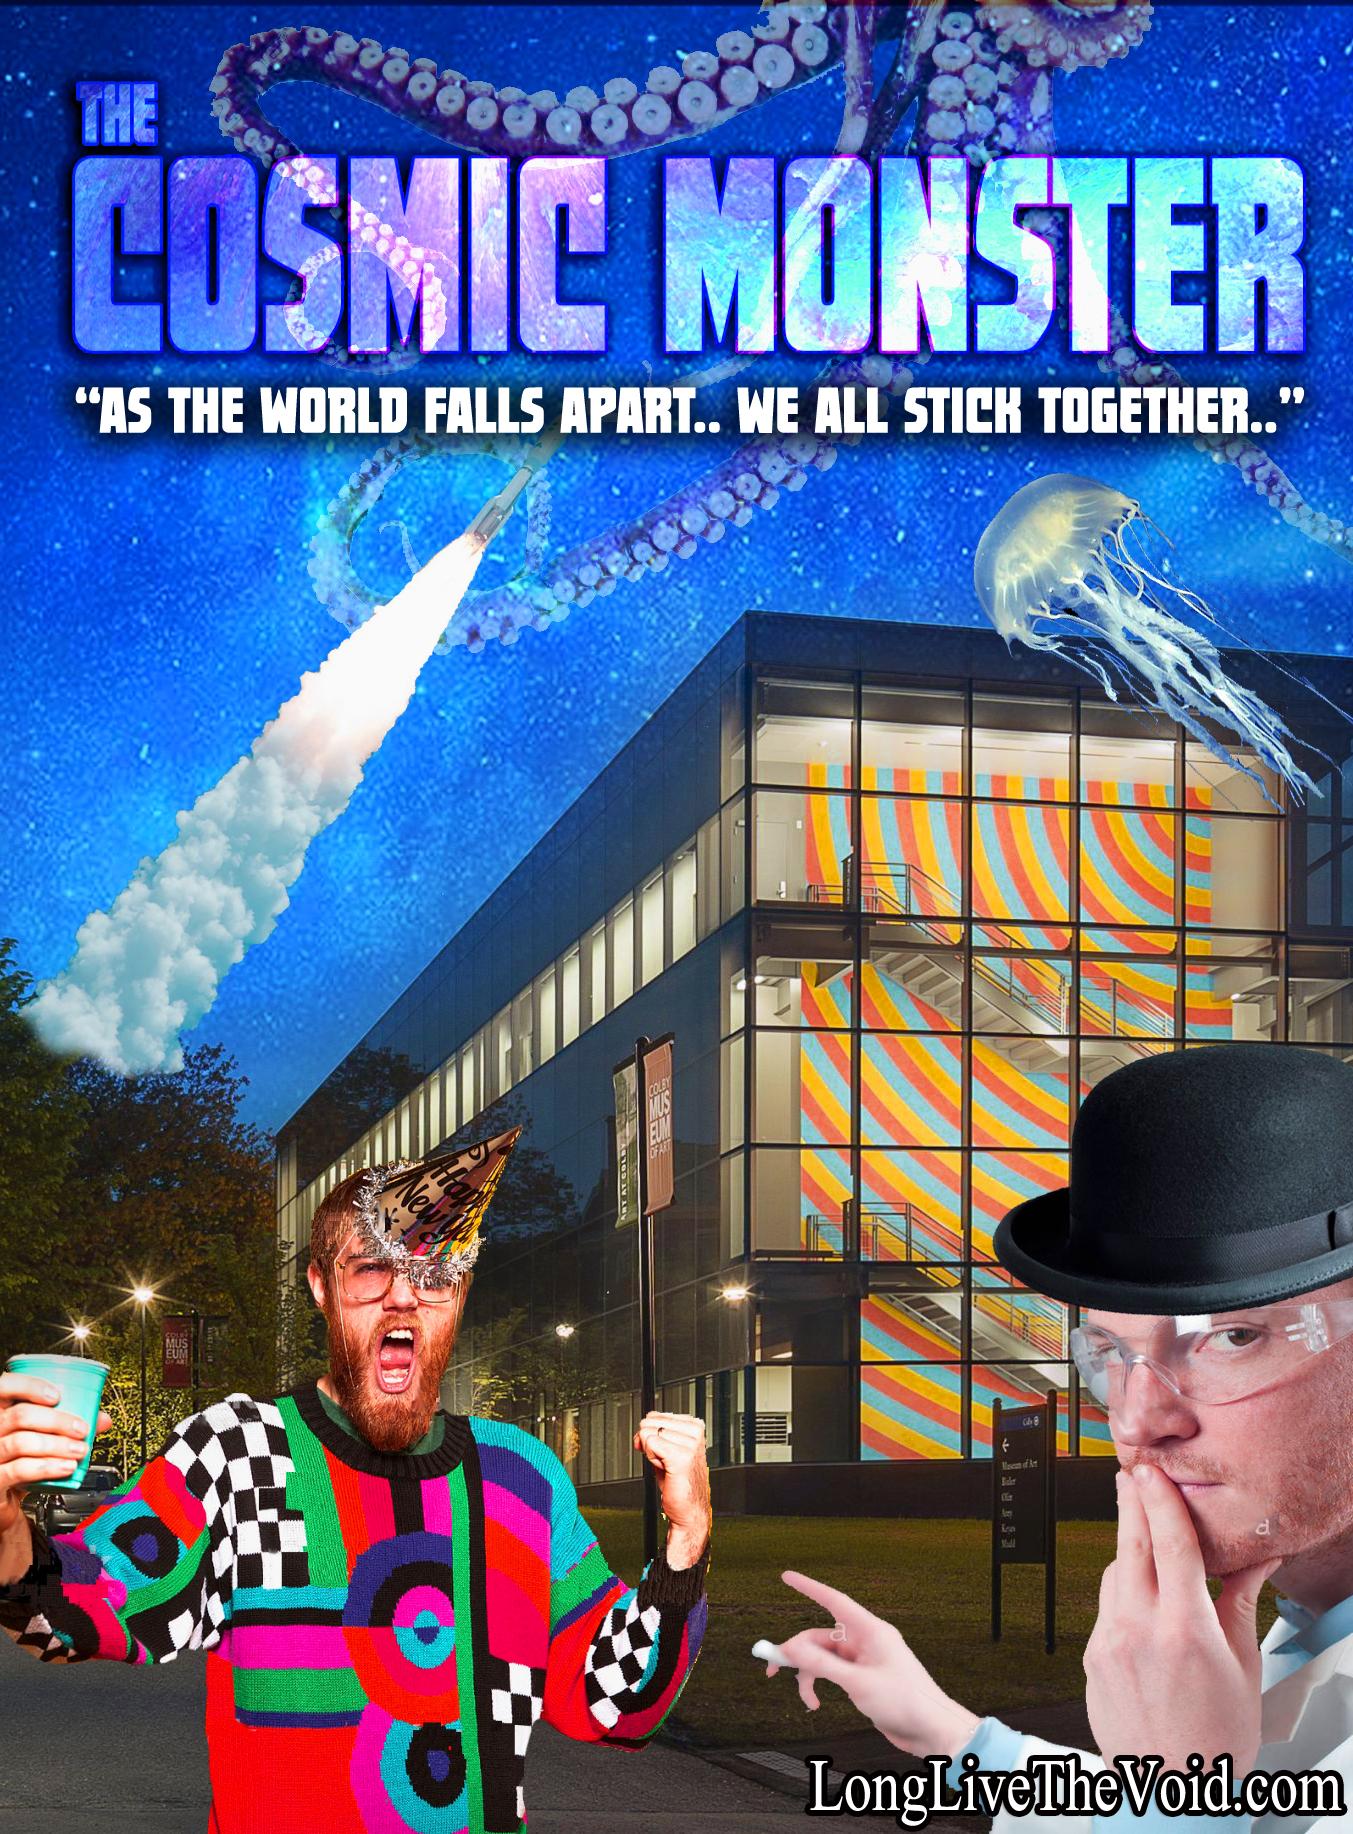 The Cosmic Monster